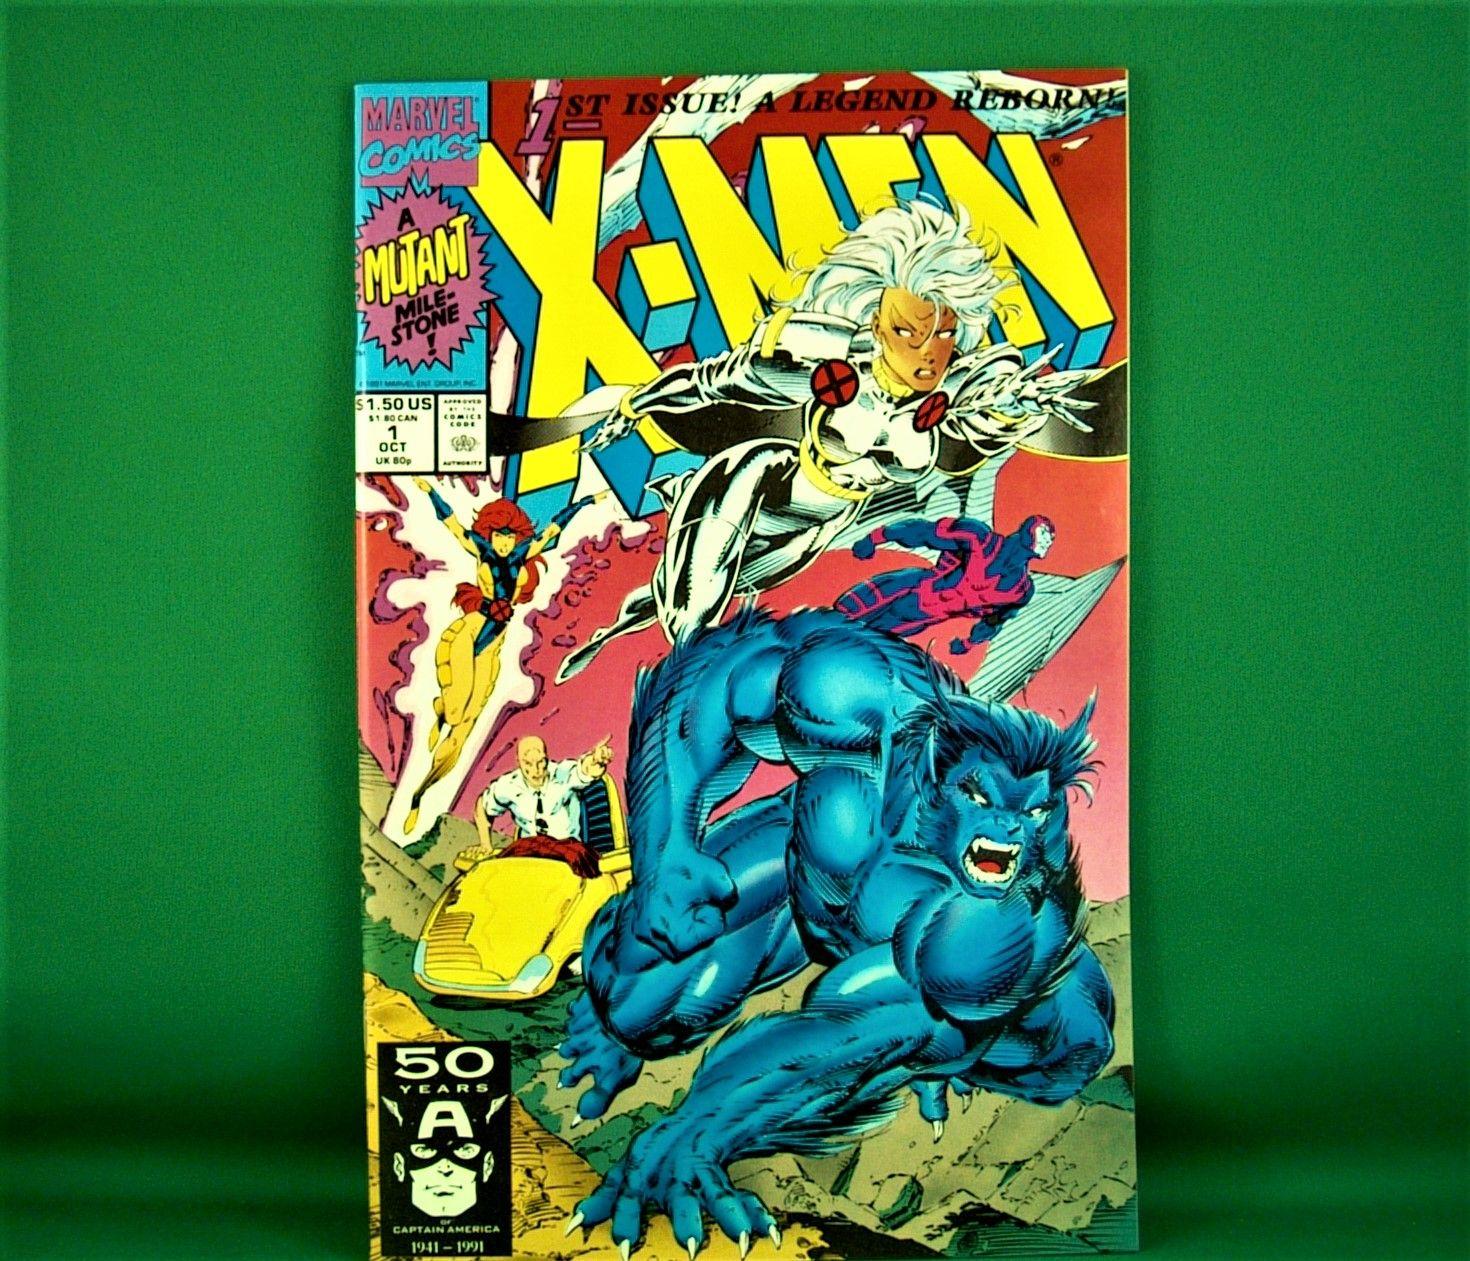 Marvel Comics X Men 1 October 1991 In 2020 Marvel Comics Comics Xmen Comics